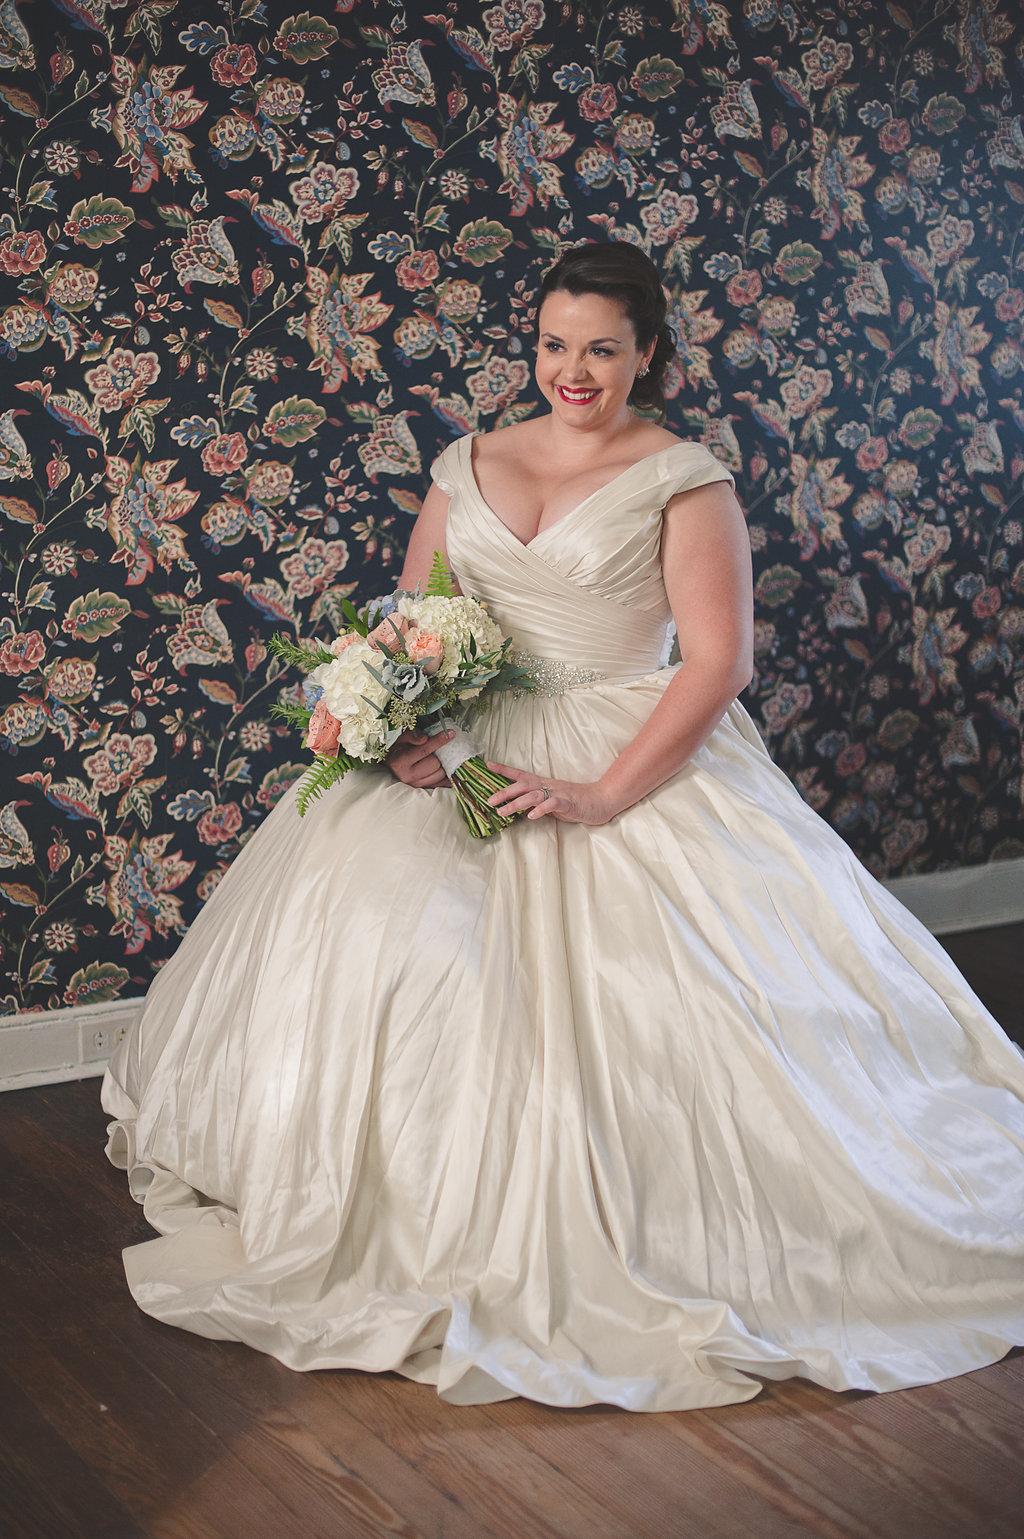 curvy brides, plus size brides